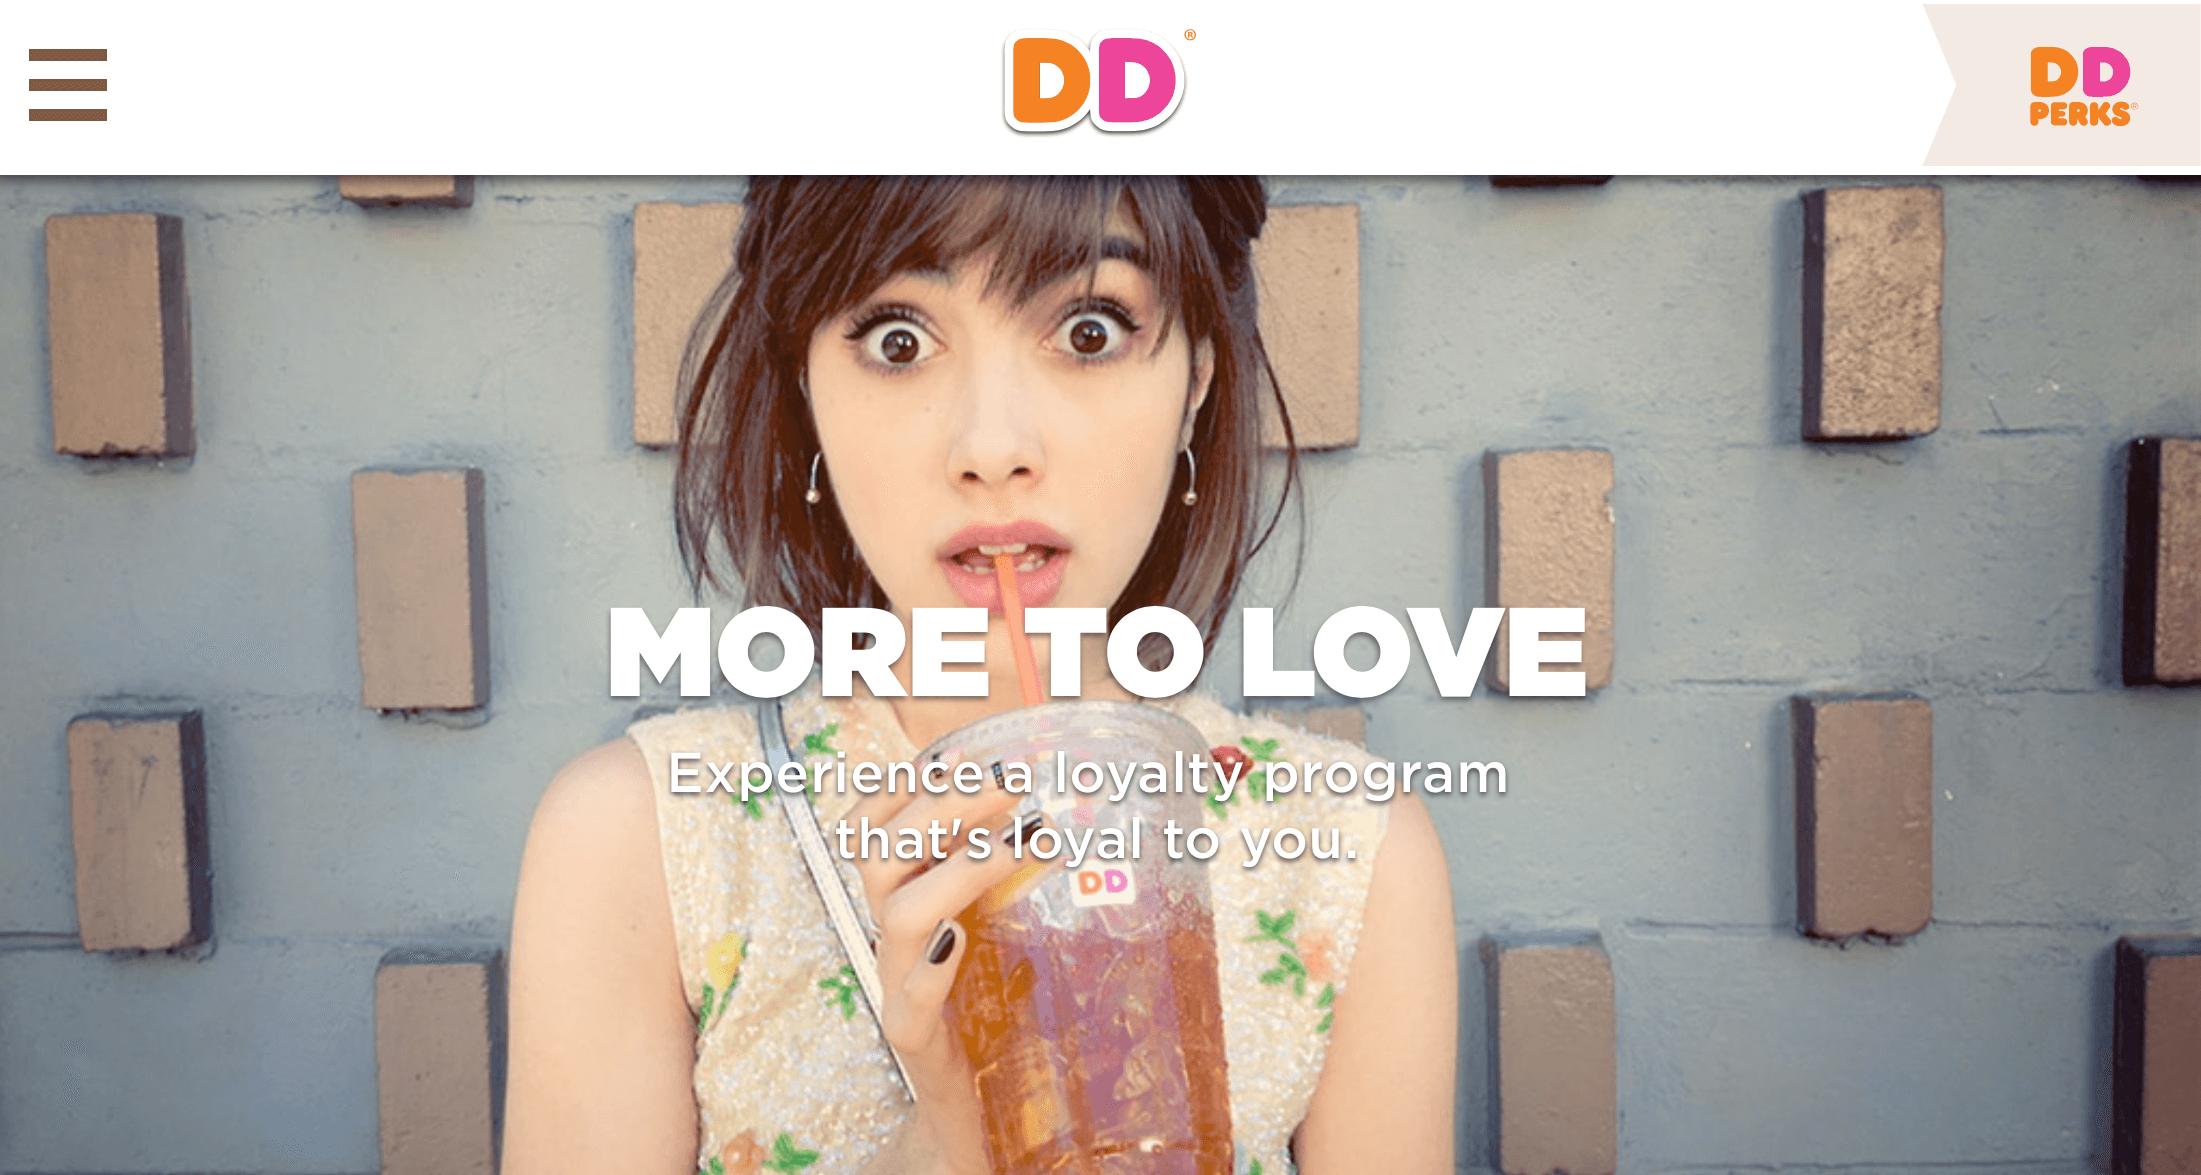 Dunkin Donuts Responsive Landscape Sample